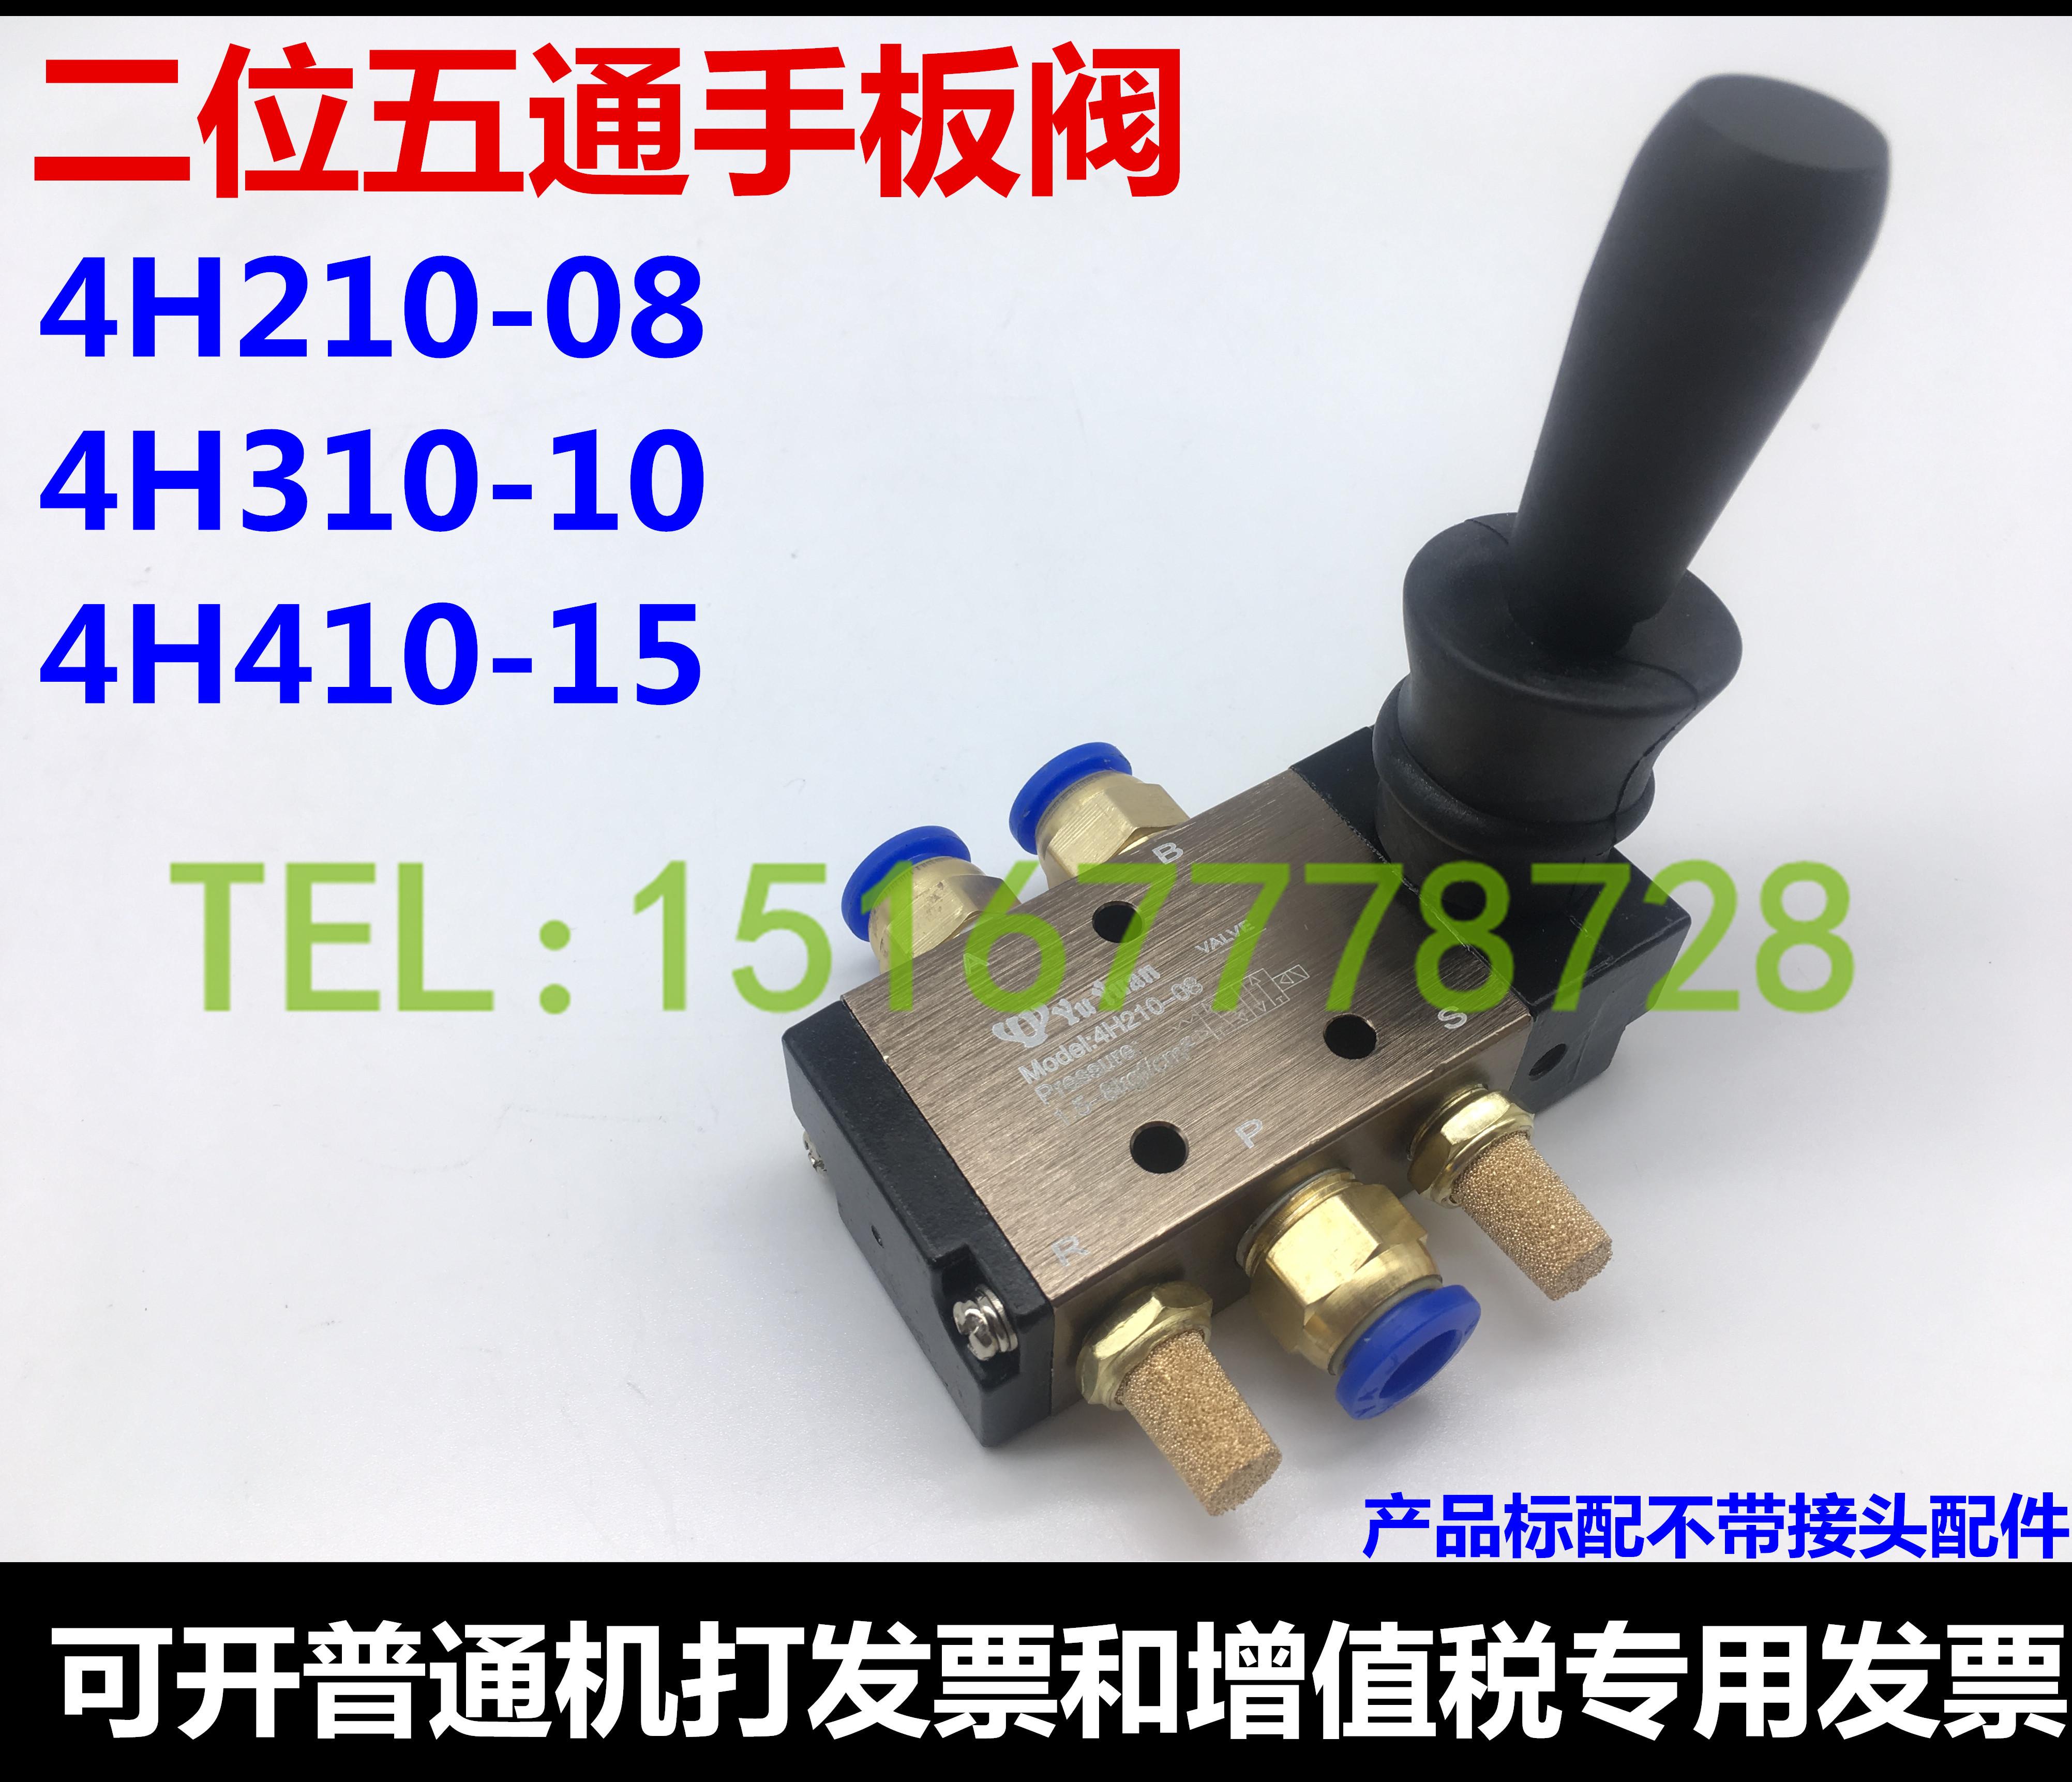 Das ventil. 4-084H310-10 ventil bewegen - ventil - Zwei fünf - Wege - Kontrolle H210 zylinder - teleskop